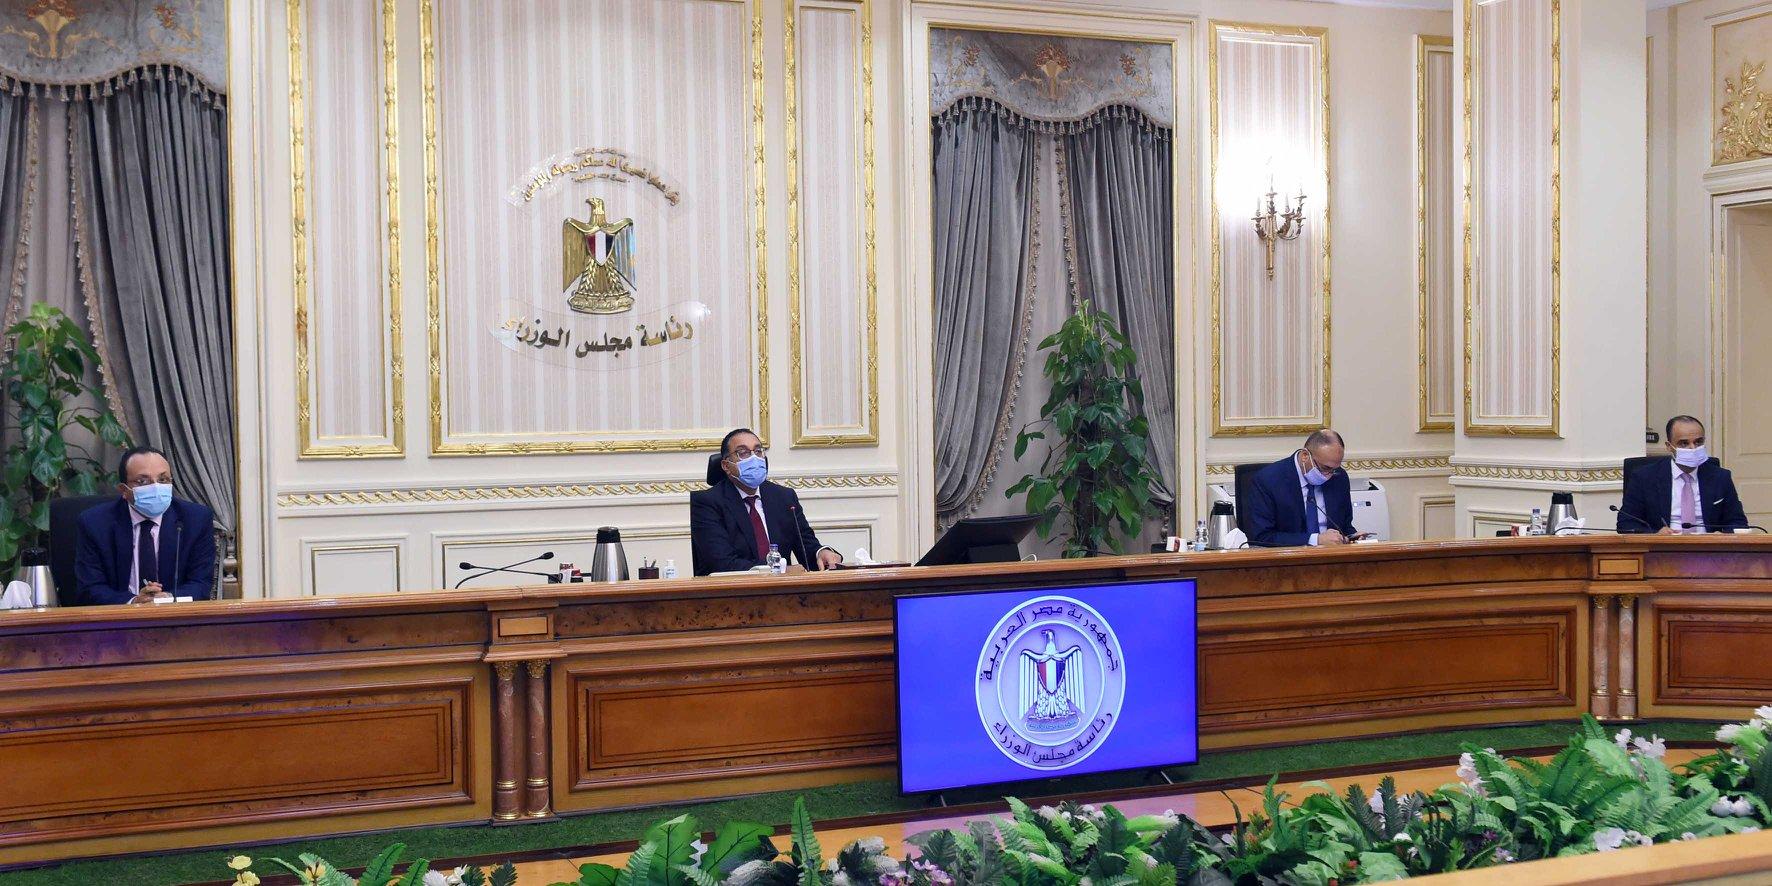 صور | رئيس الوزراء يوجه بدراسة موقف الأراضى المخصصة للجمعيات بالإسماعيلية